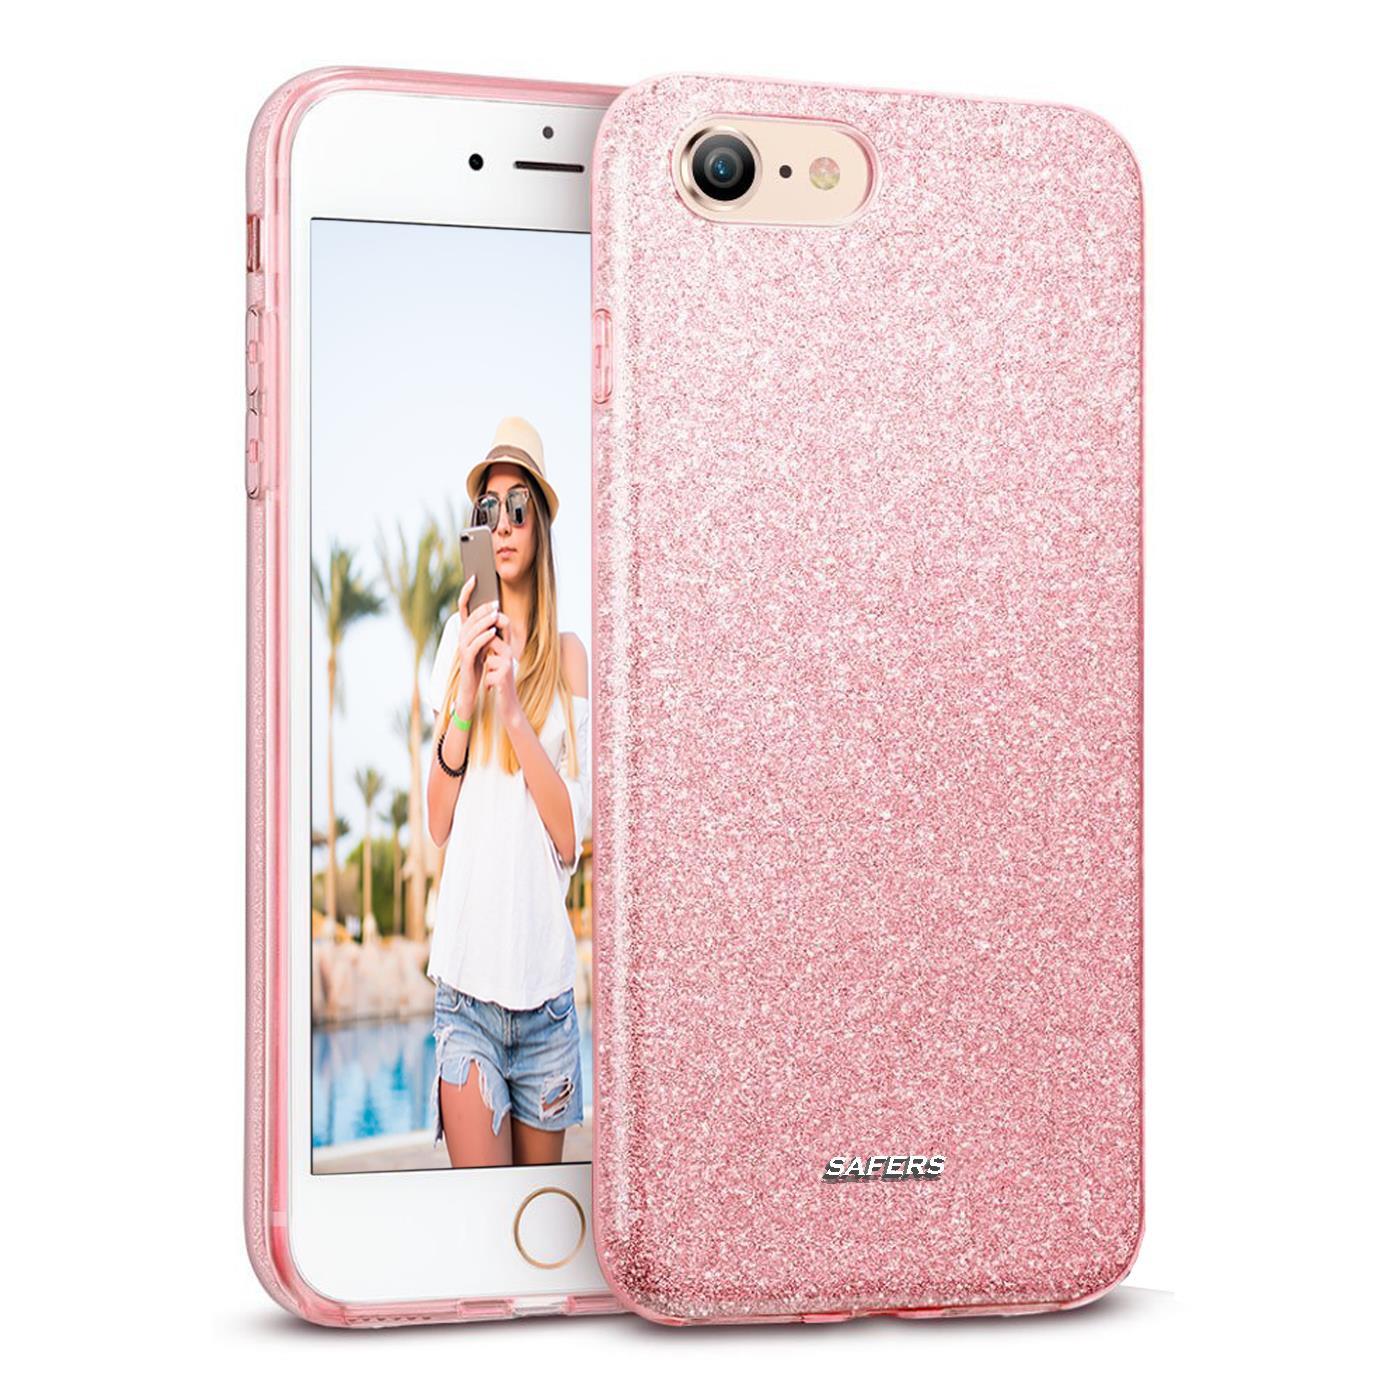 Handy-Glitzer-Huelle-fuer-Apple-iPhone-Slim-TPU-Cover-Case-Silikon-Schutz-Tasche Indexbild 10